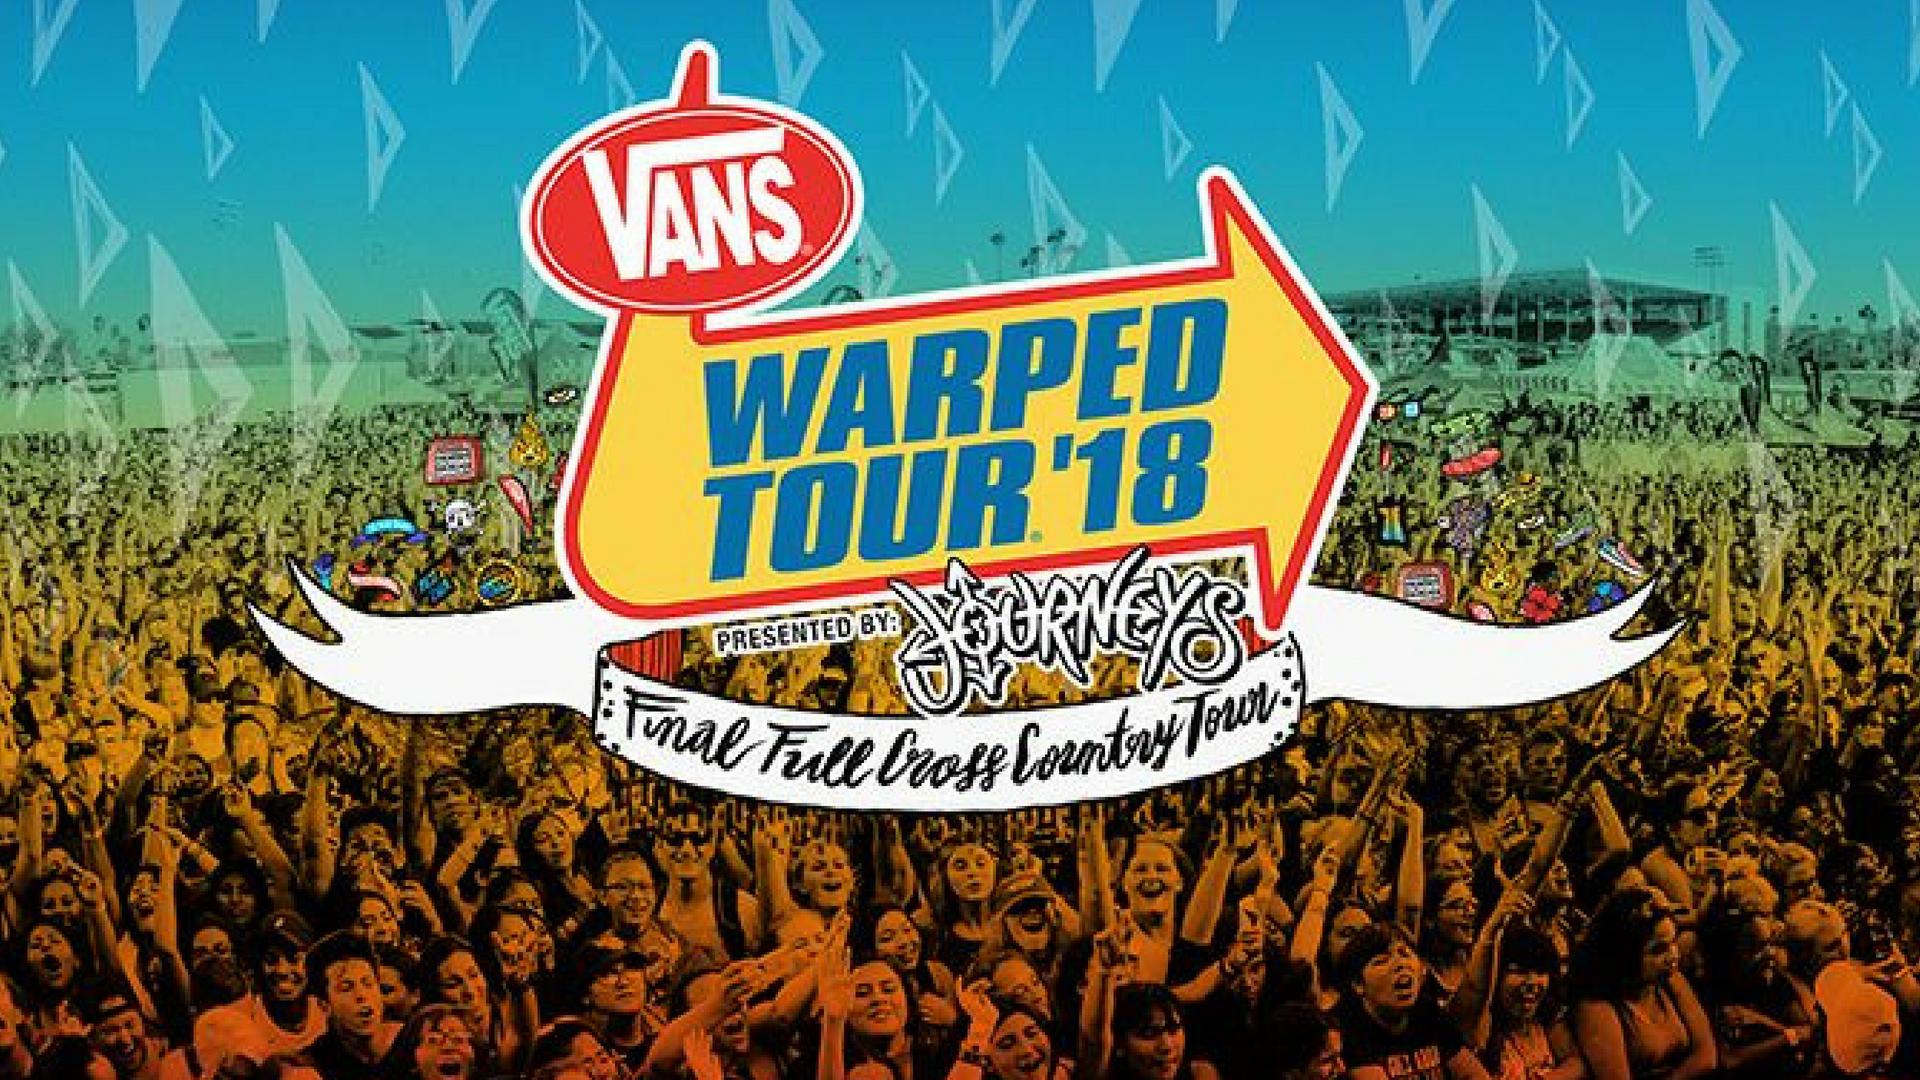 event-van warped tour.jpg